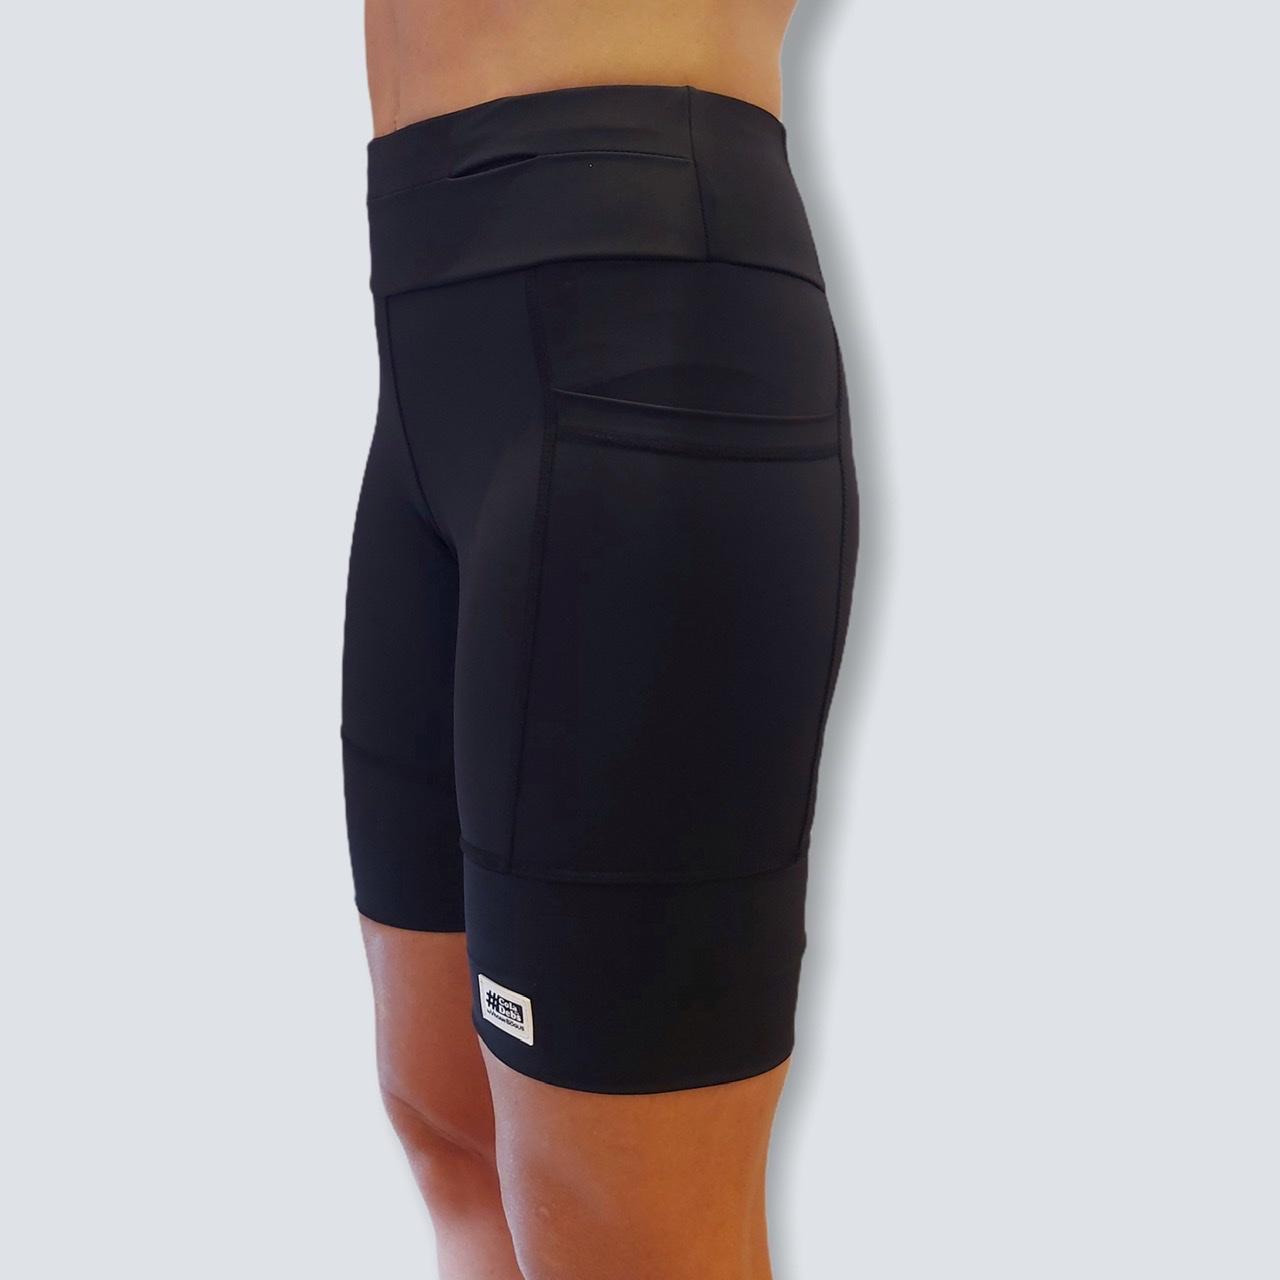 Bermuda de compressão masculina - unissex 1500 bolsos quadrados em sportiva preto  - Vivian Bógus